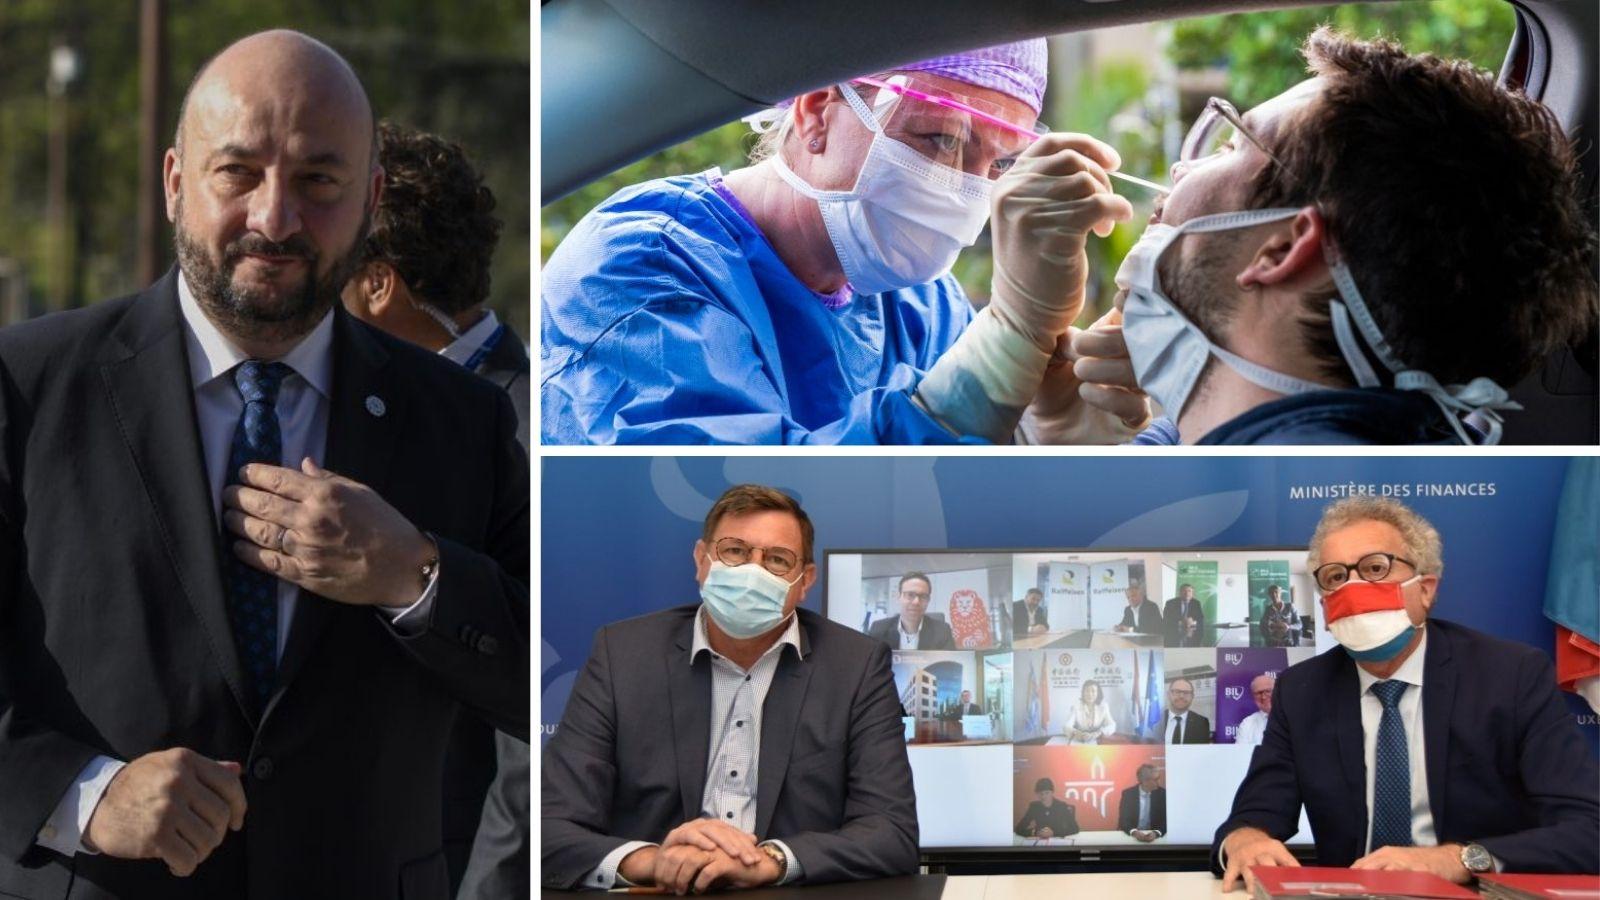 Best-of Mai: Ein neues Leben, ein umtriebiger Banker und verzögerte Massentests - Reporter.lu